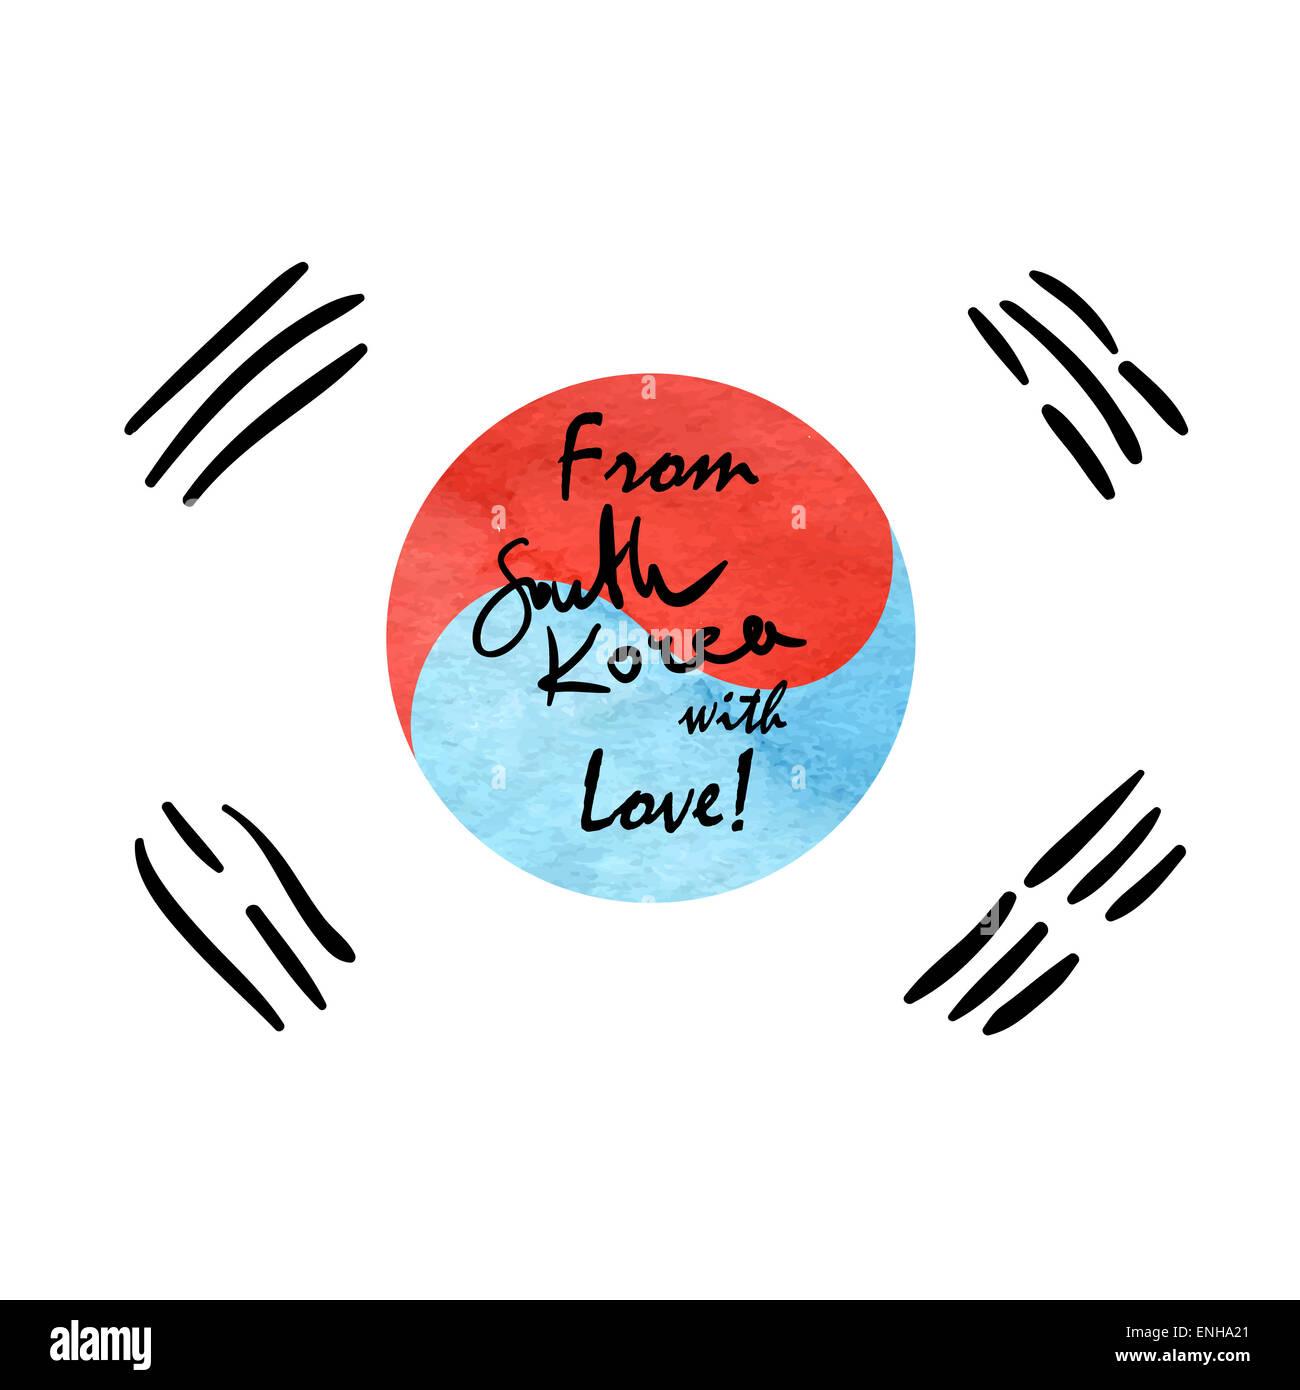 Desde Corea Del Sur Con El Amor Frase Letterig Escritos A Mano En